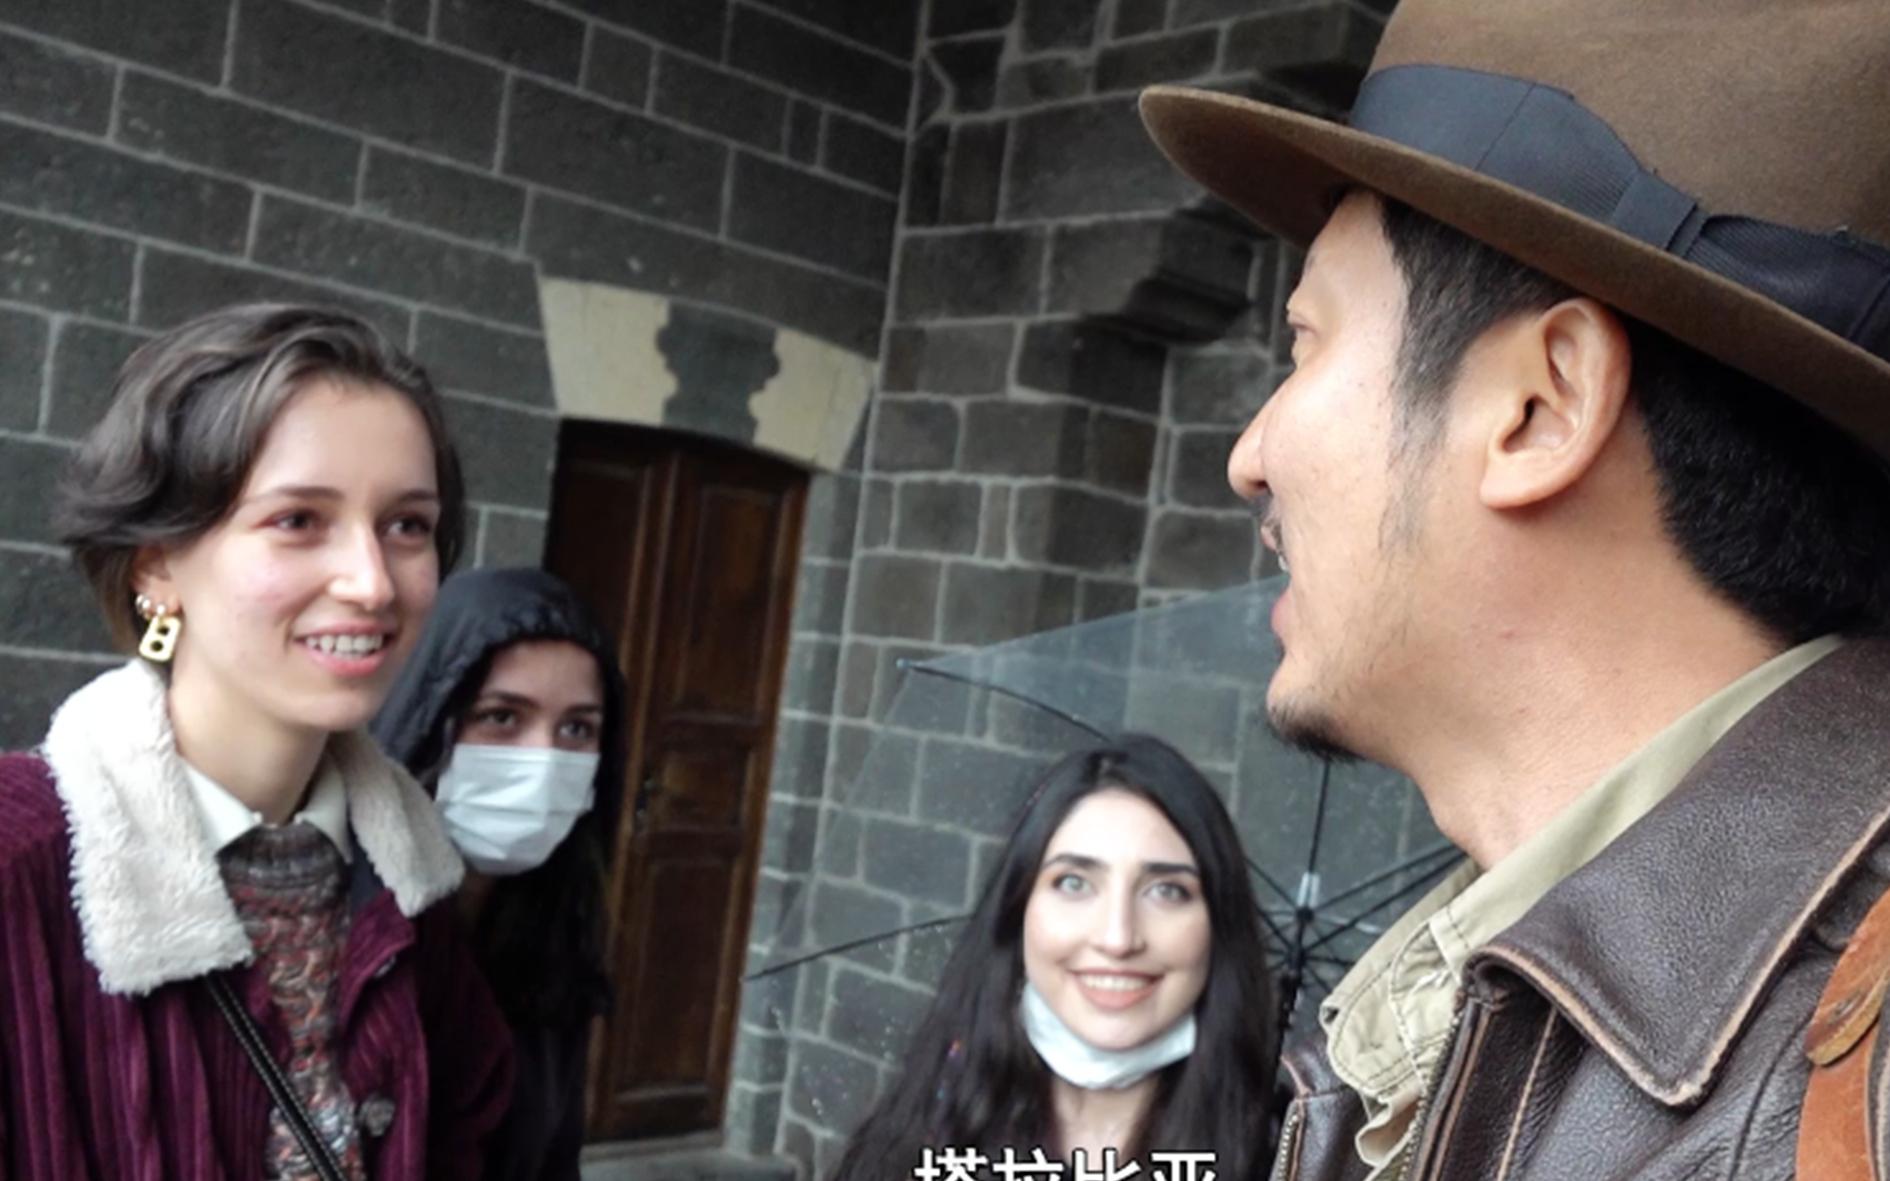 探访库尔德核心城市迪亚巴克尔,旅游惨淡游客稀少,当地女孩看到中国人主动来搭讪